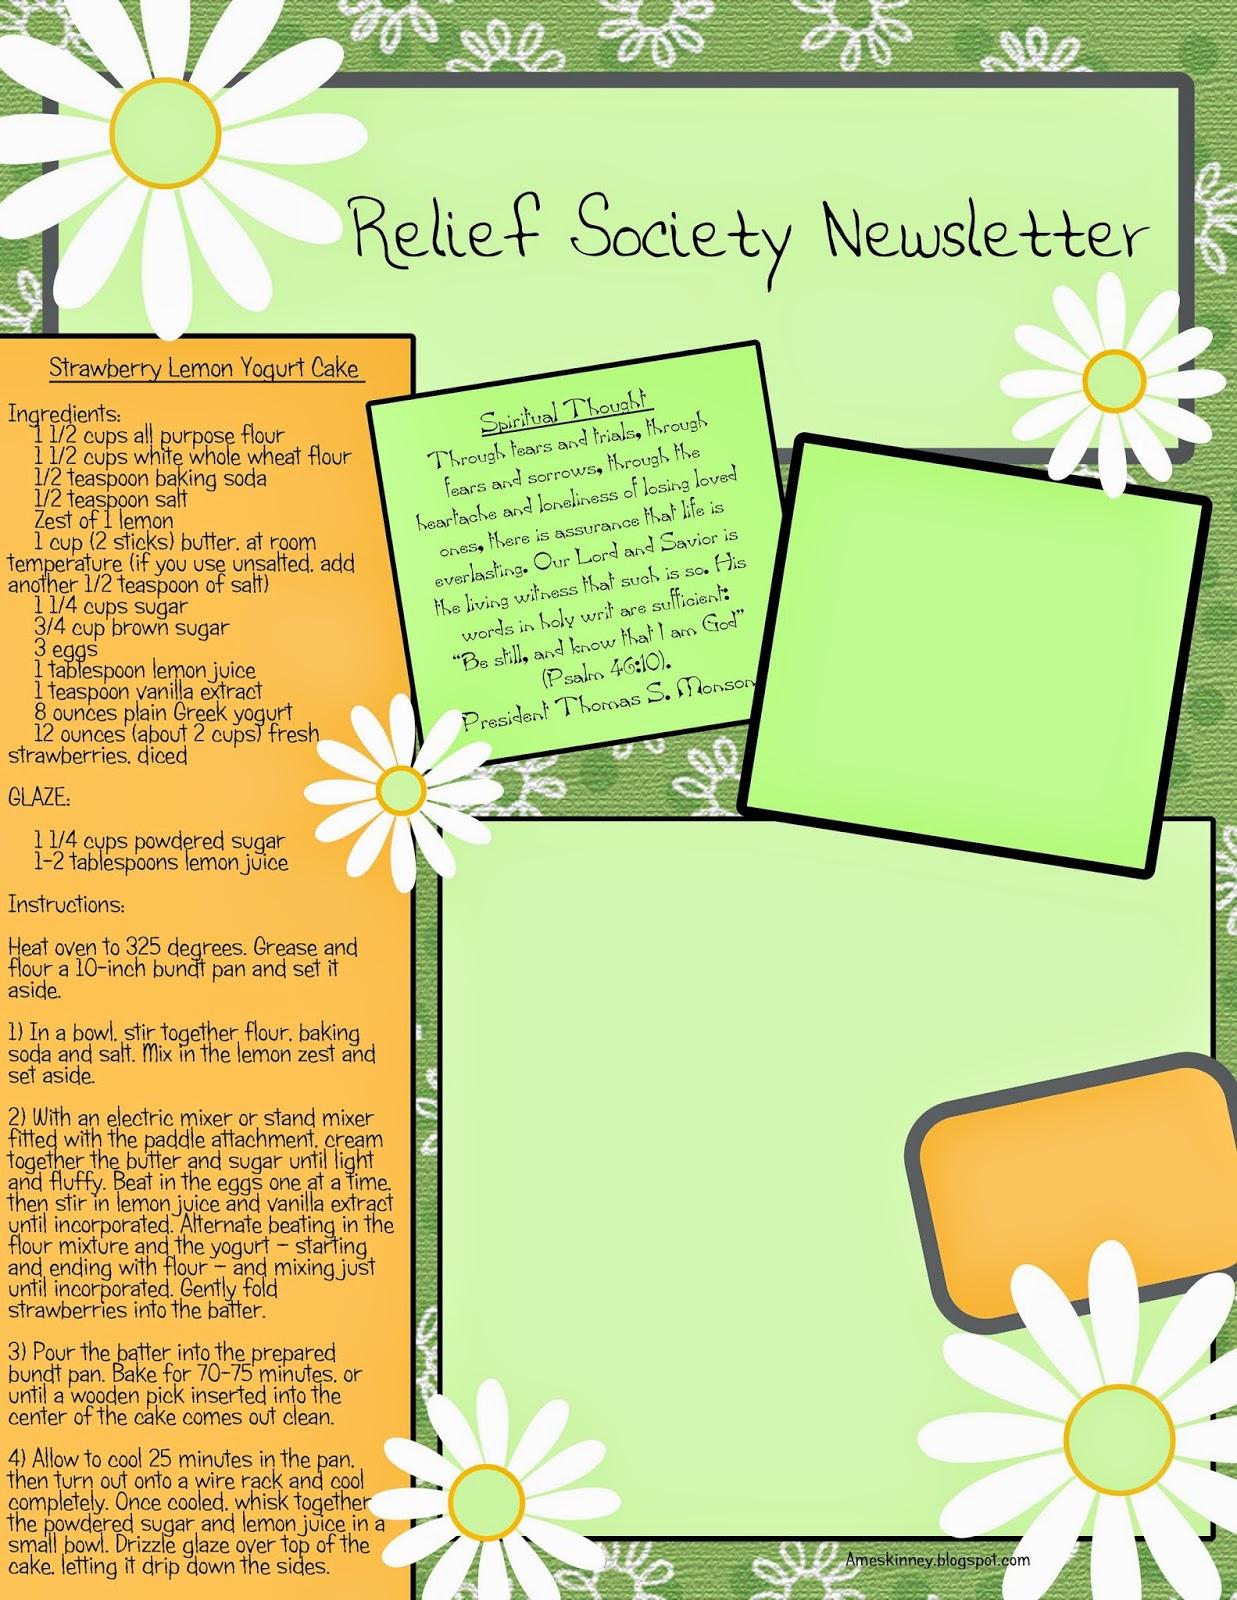 Ameskinney june 2014 for Free april newsletter template